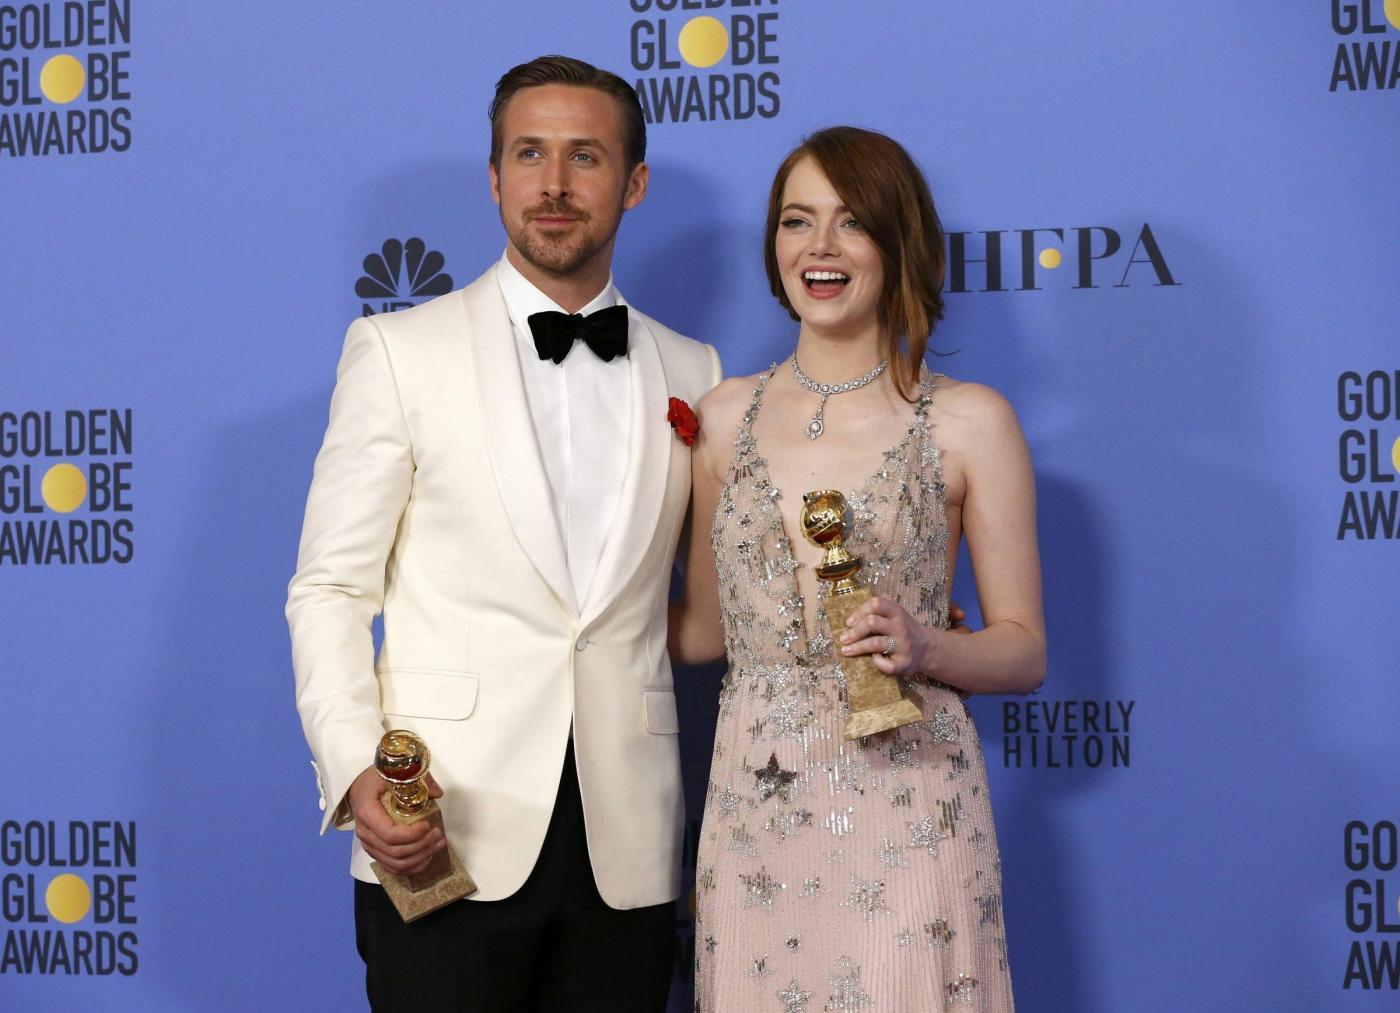 Golden Globe 2017, vincitori: La La Land trionfa con 7 premi